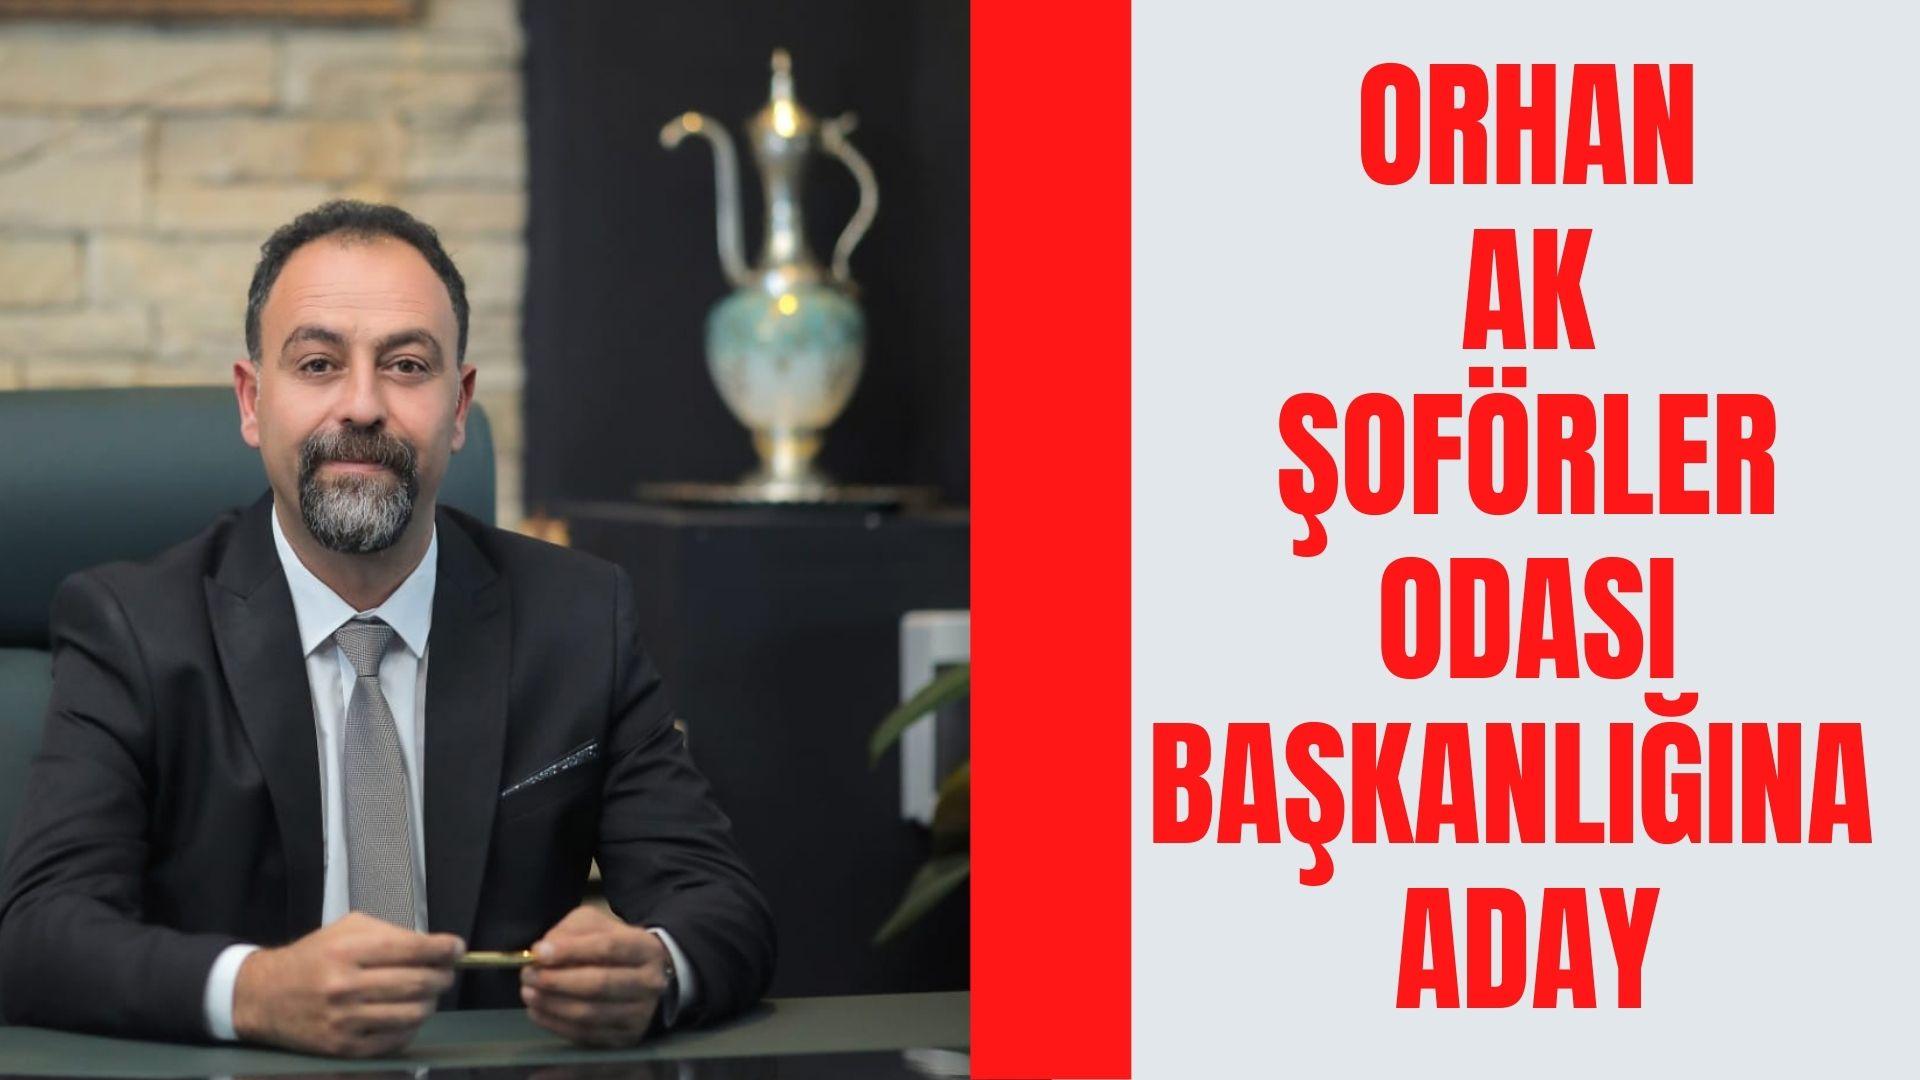 Orhan Ak, Şoförler Odası Başkanlığına aday oldu